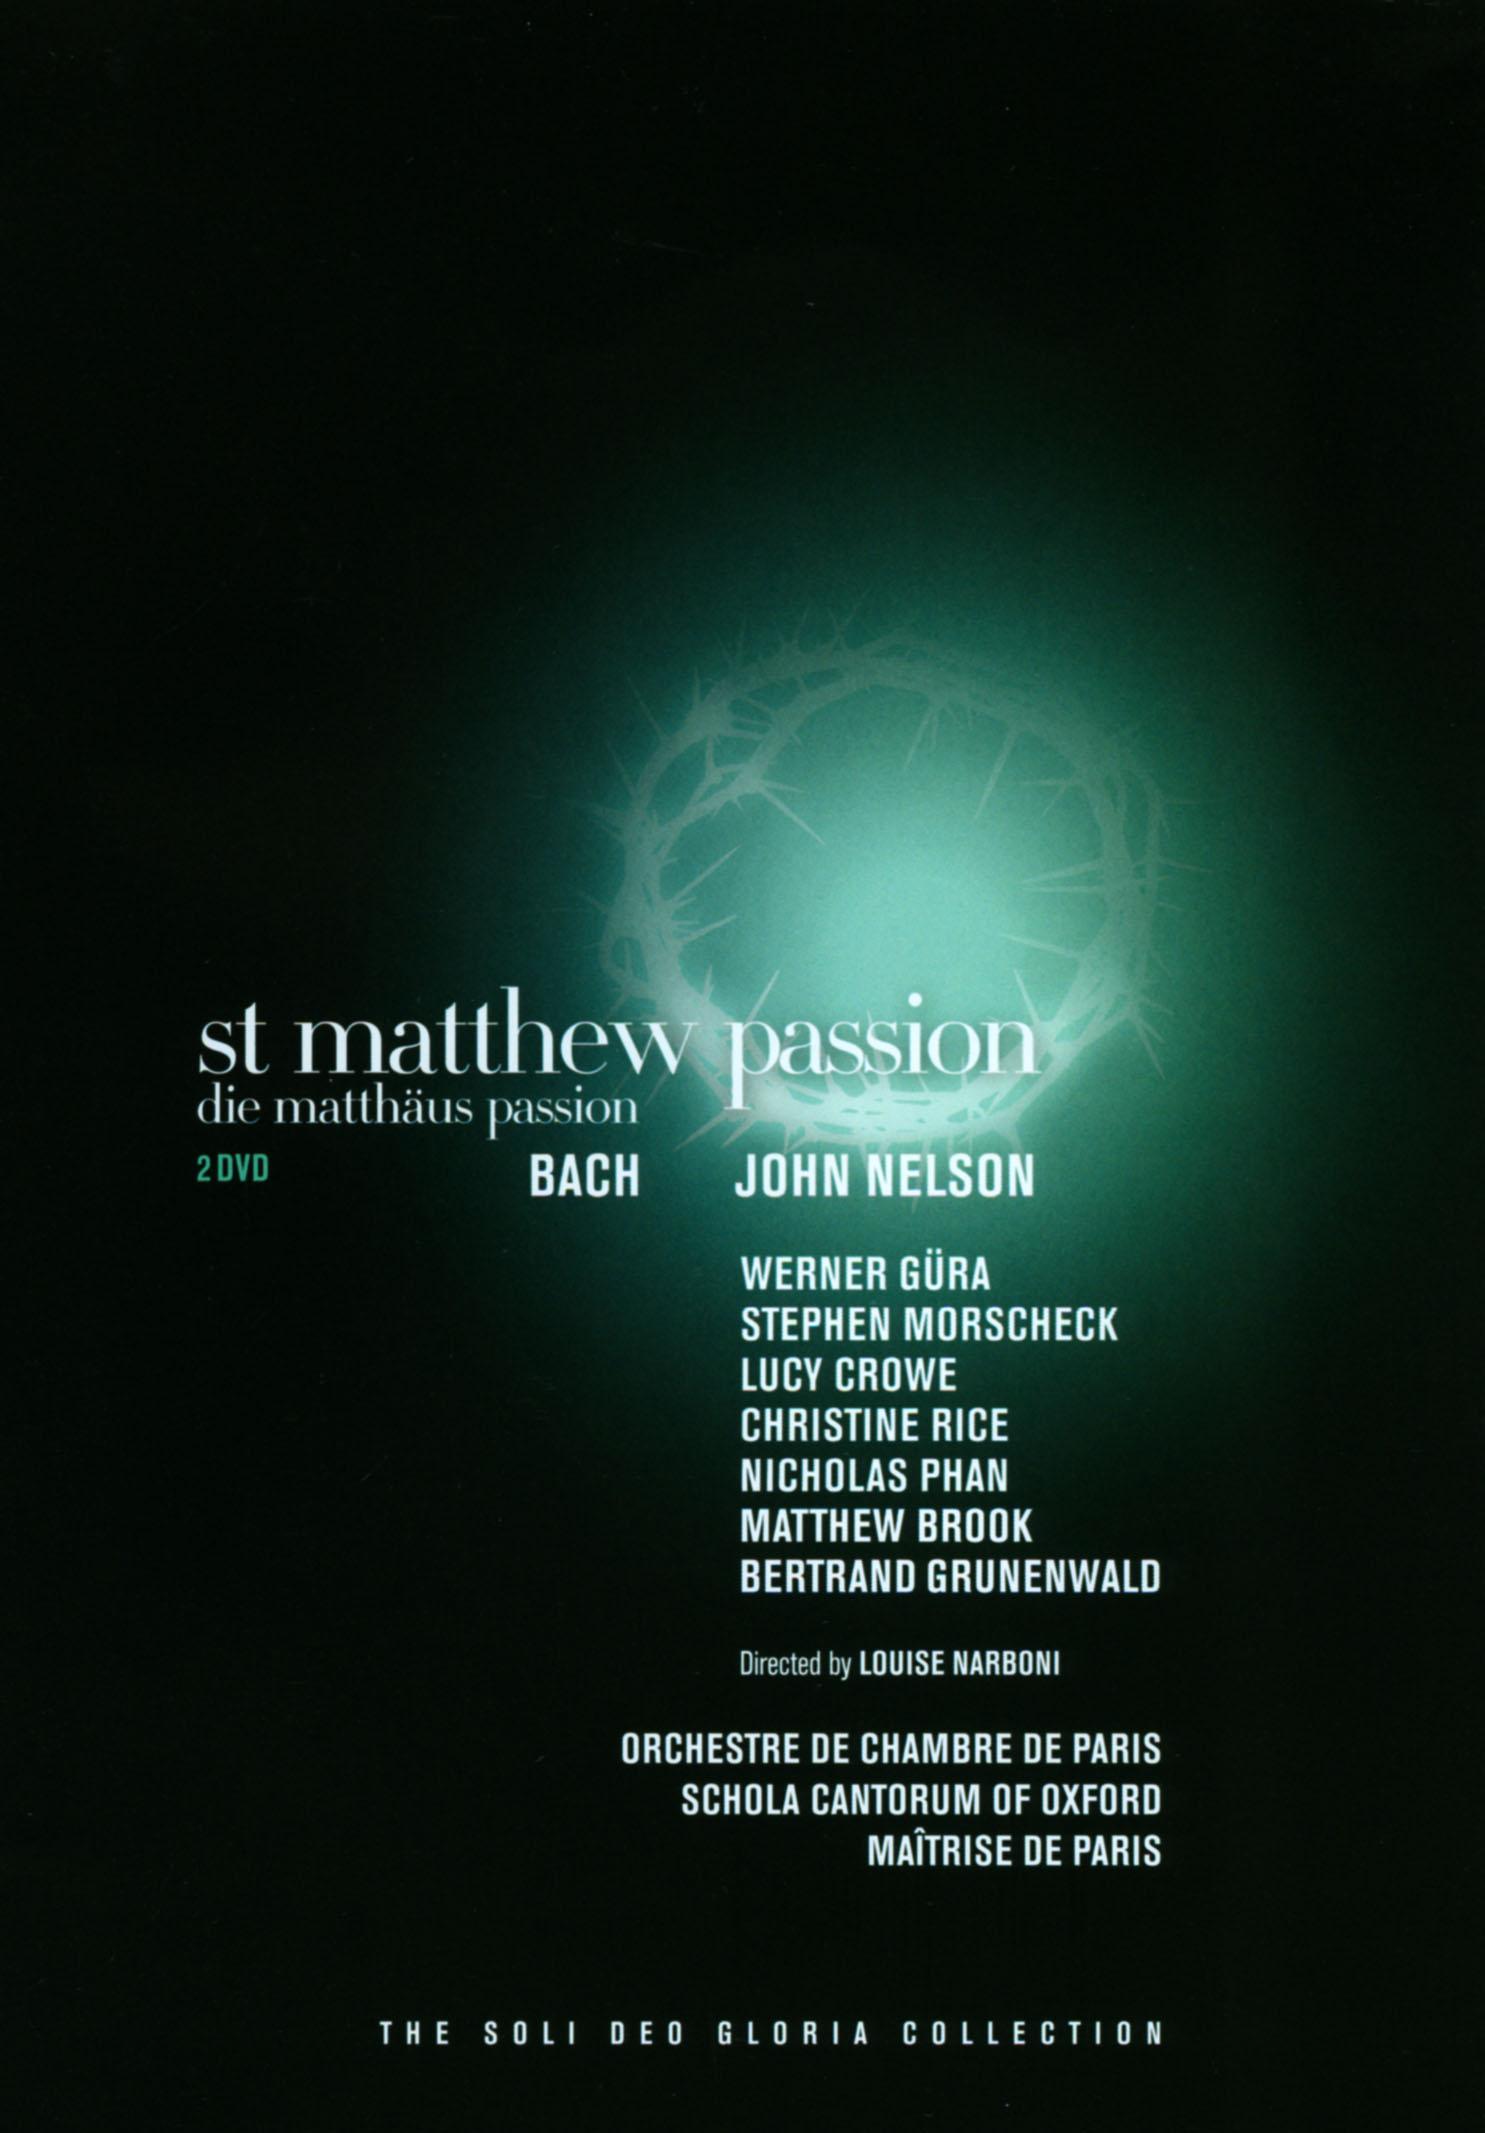 John Nelson: Bach - St. Matthew Passion